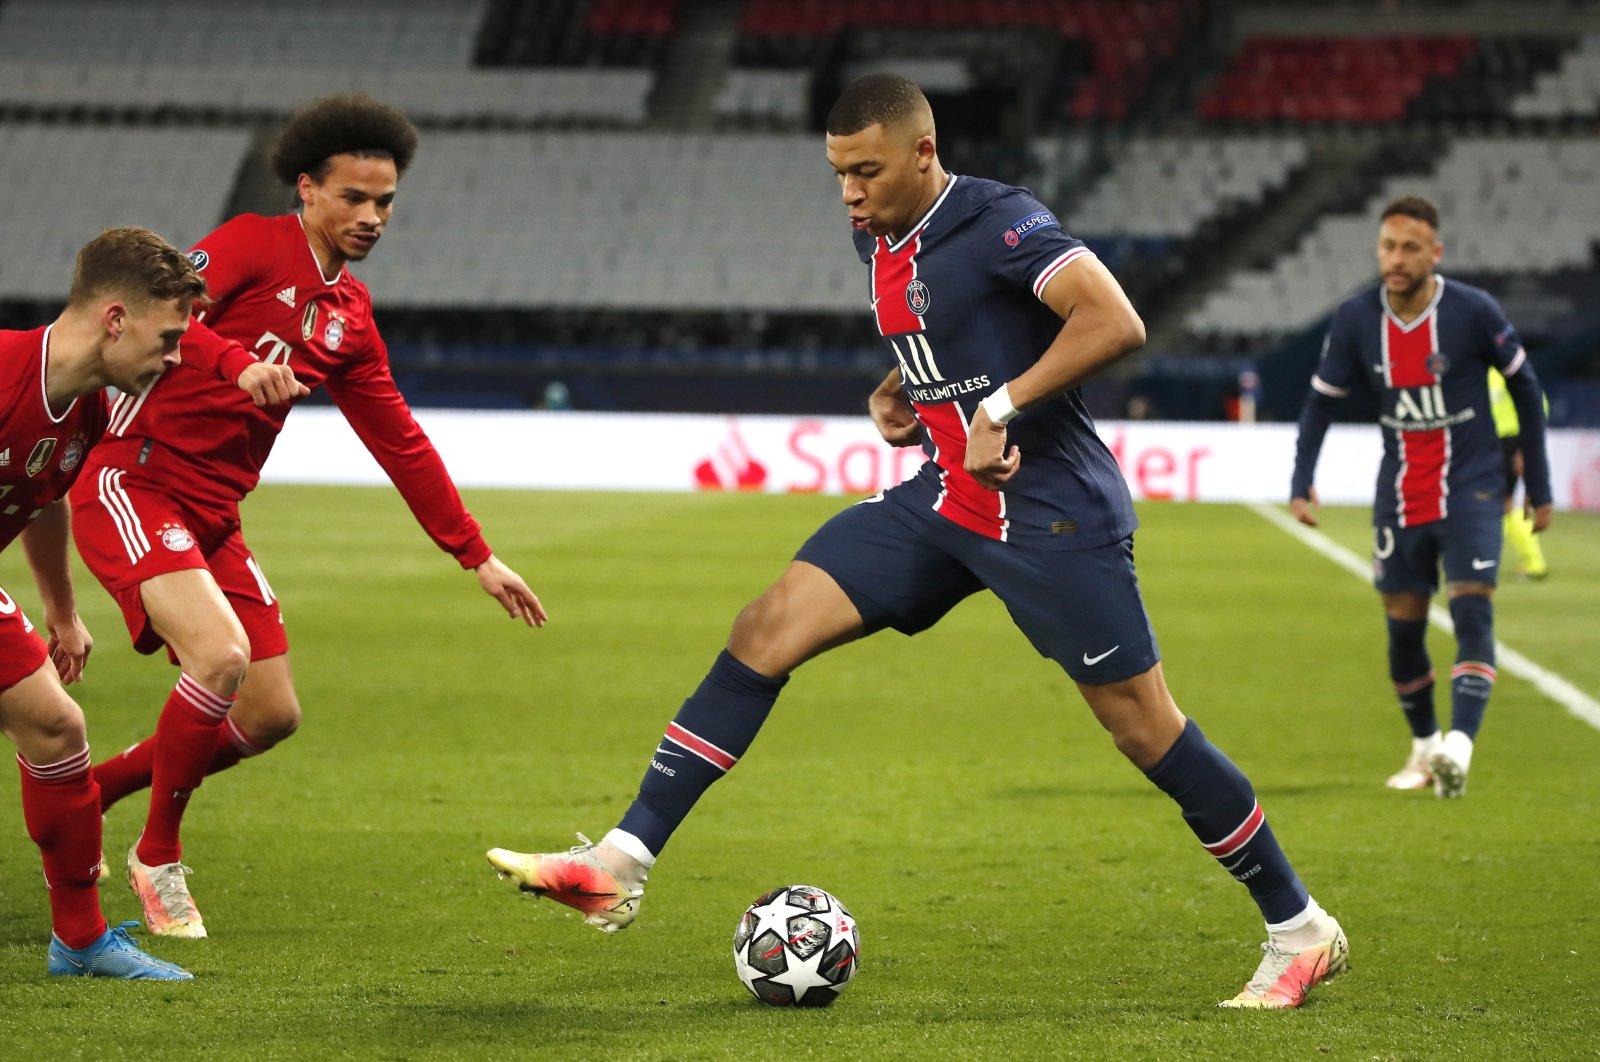 PSG's Kylian Mbappe controls the ball during the Champions League, second leg, quarterfinal match against Bayern Munich at the Parc des Princes stadium, Paris, France, April 13, 2021. (AP Photo)